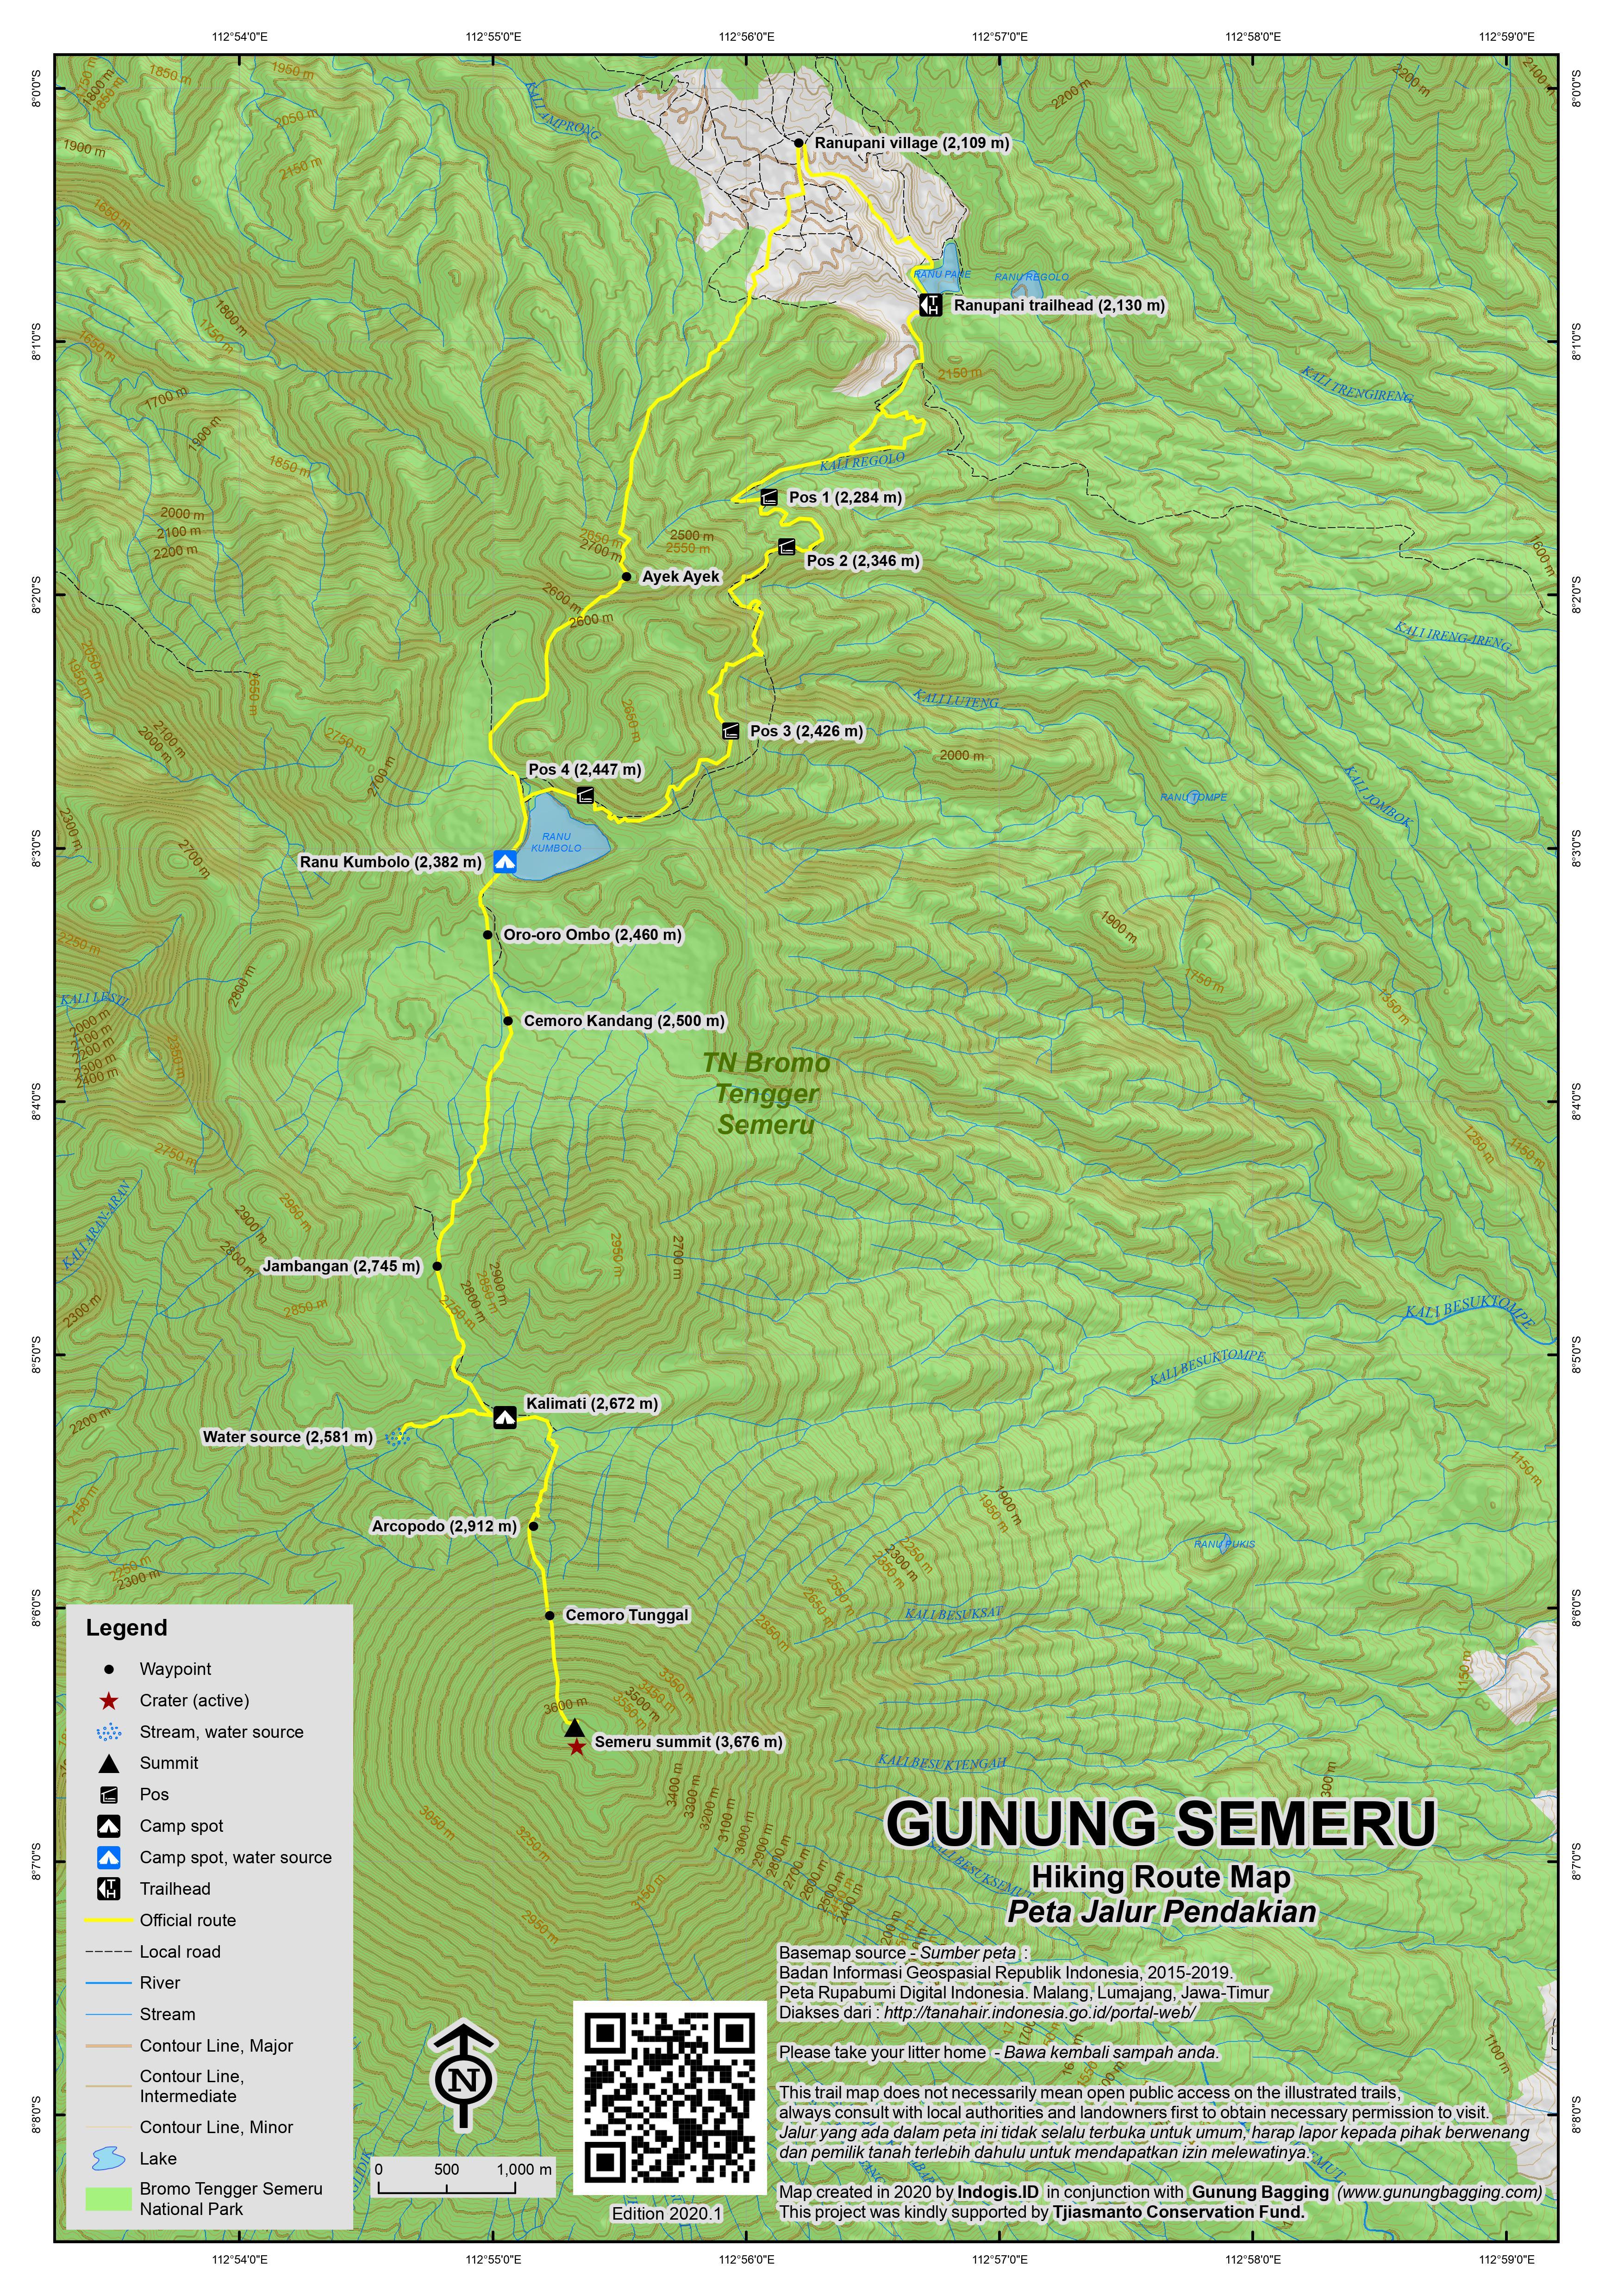 Peta Jalur Pendakian Gunung Semeru